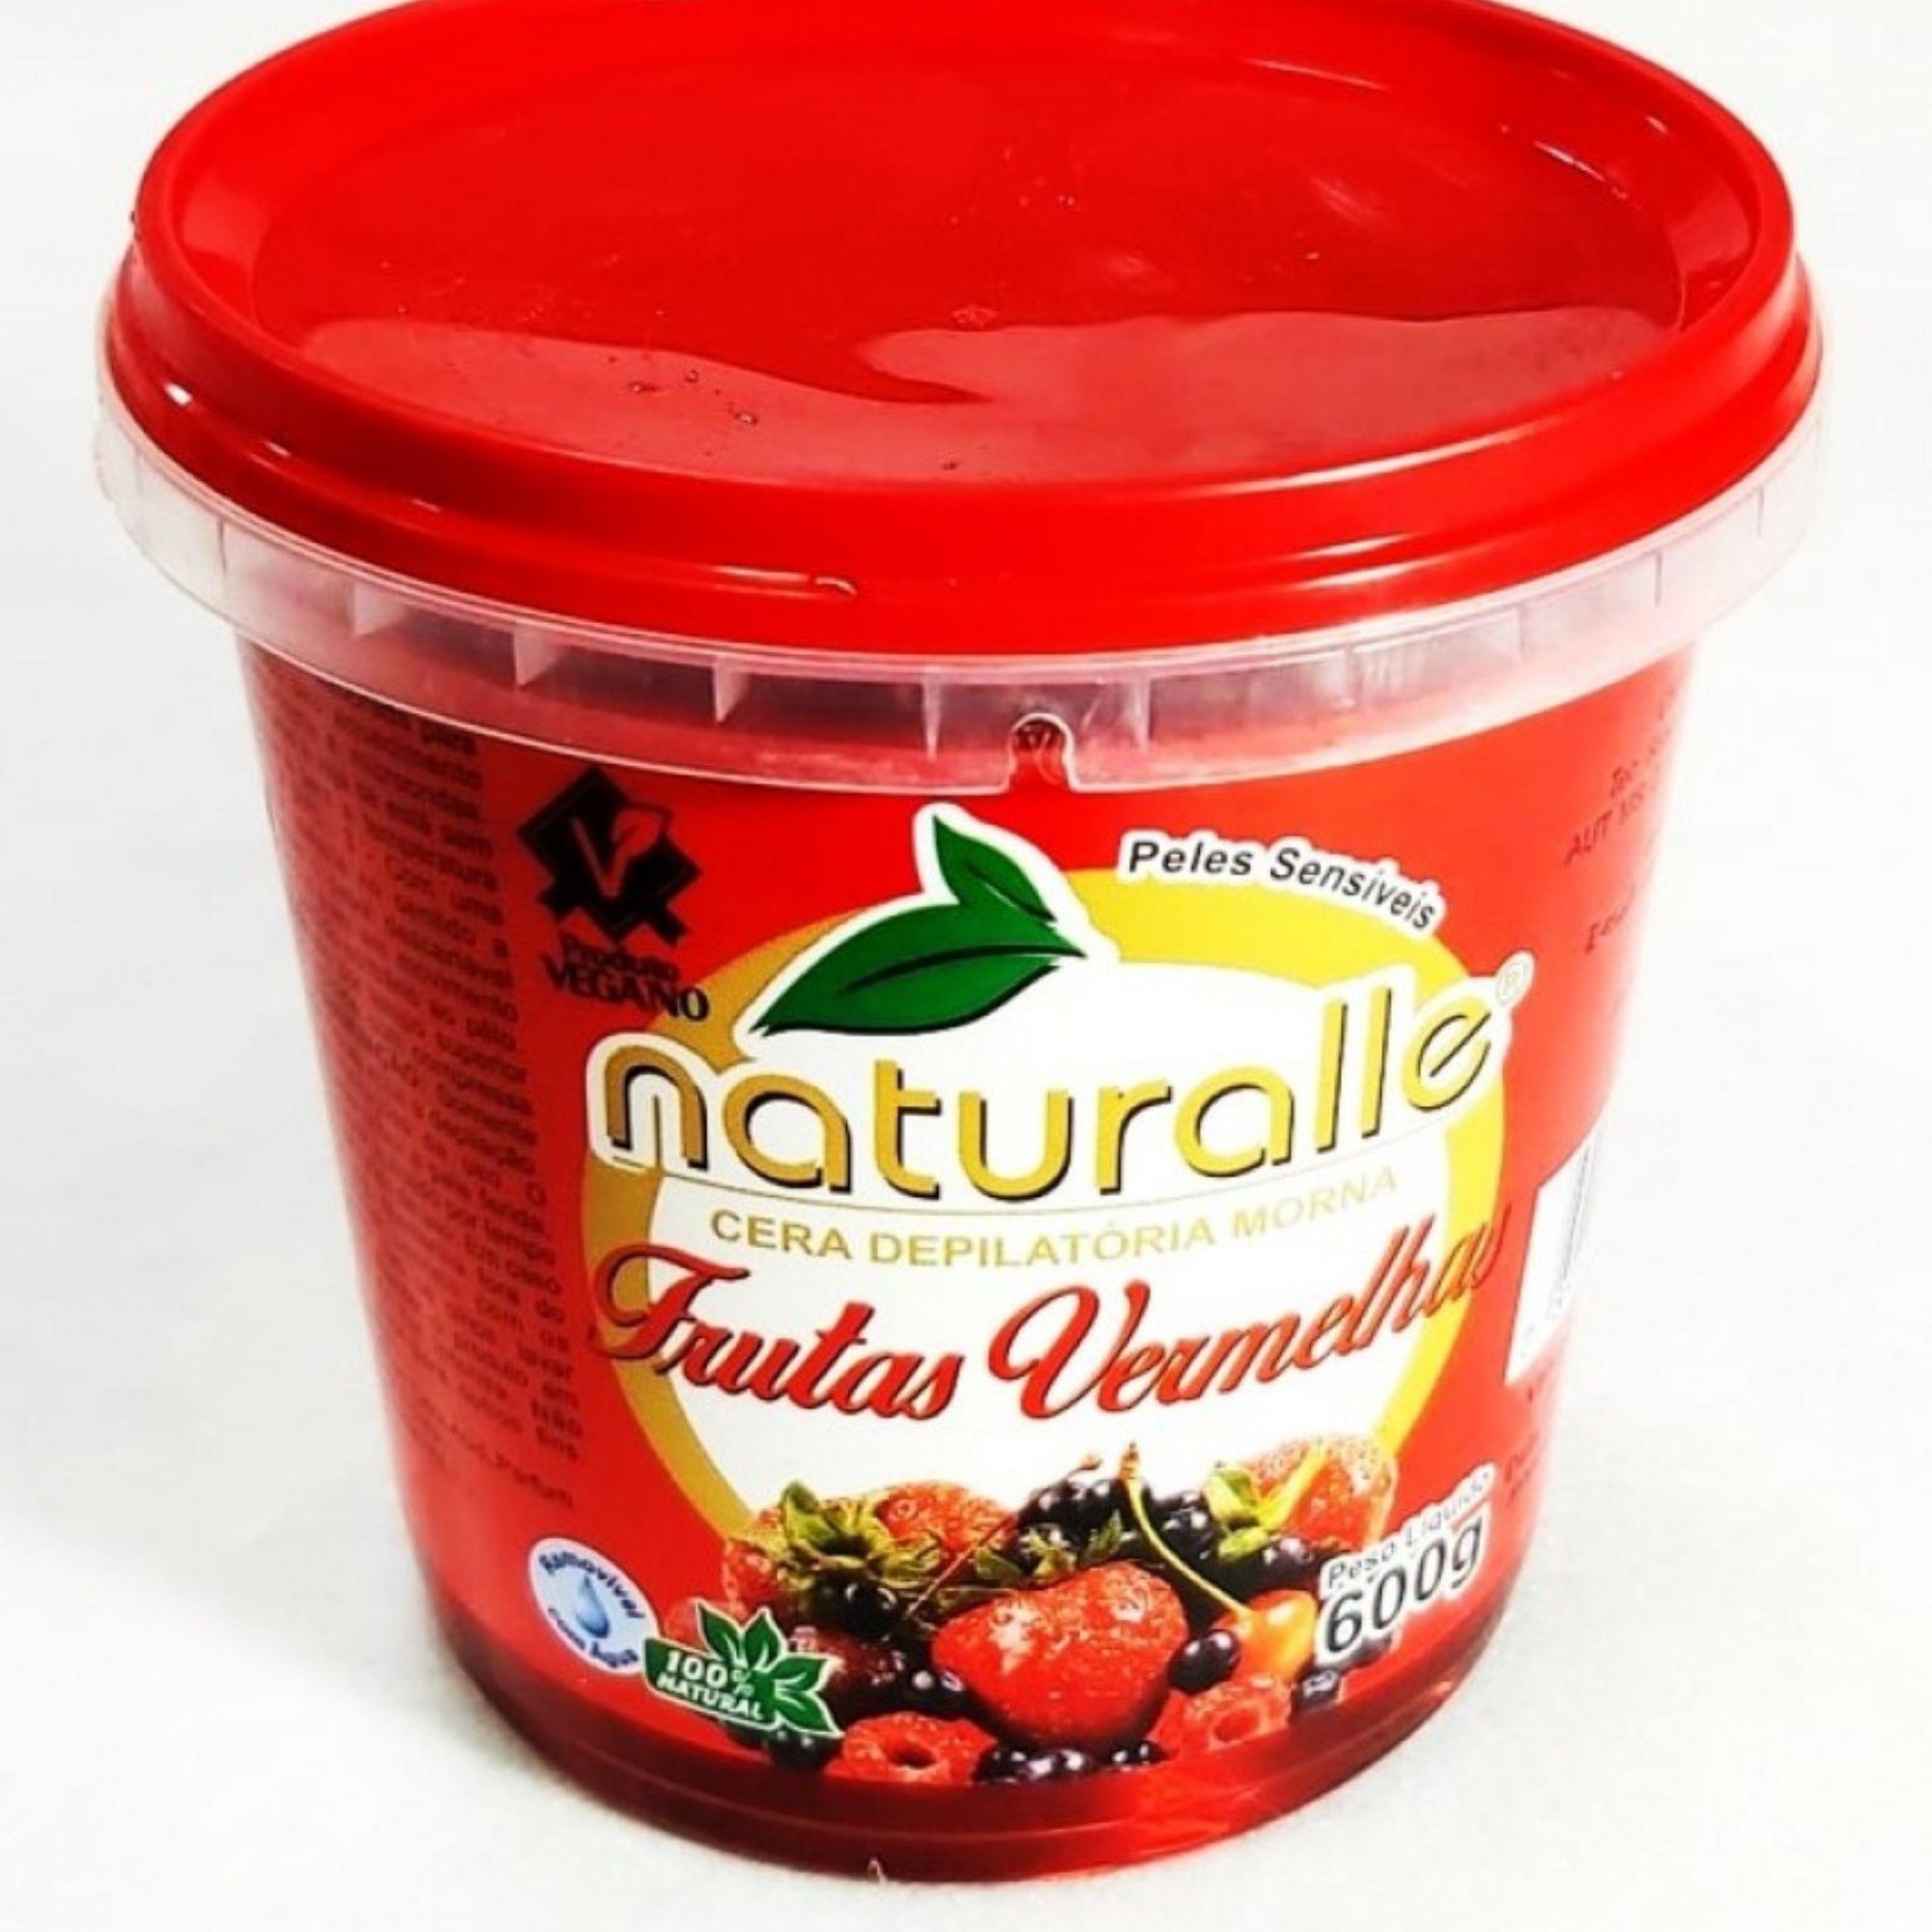 Naturalle - Cera Depilatoria Frutas Vermelhas 600g